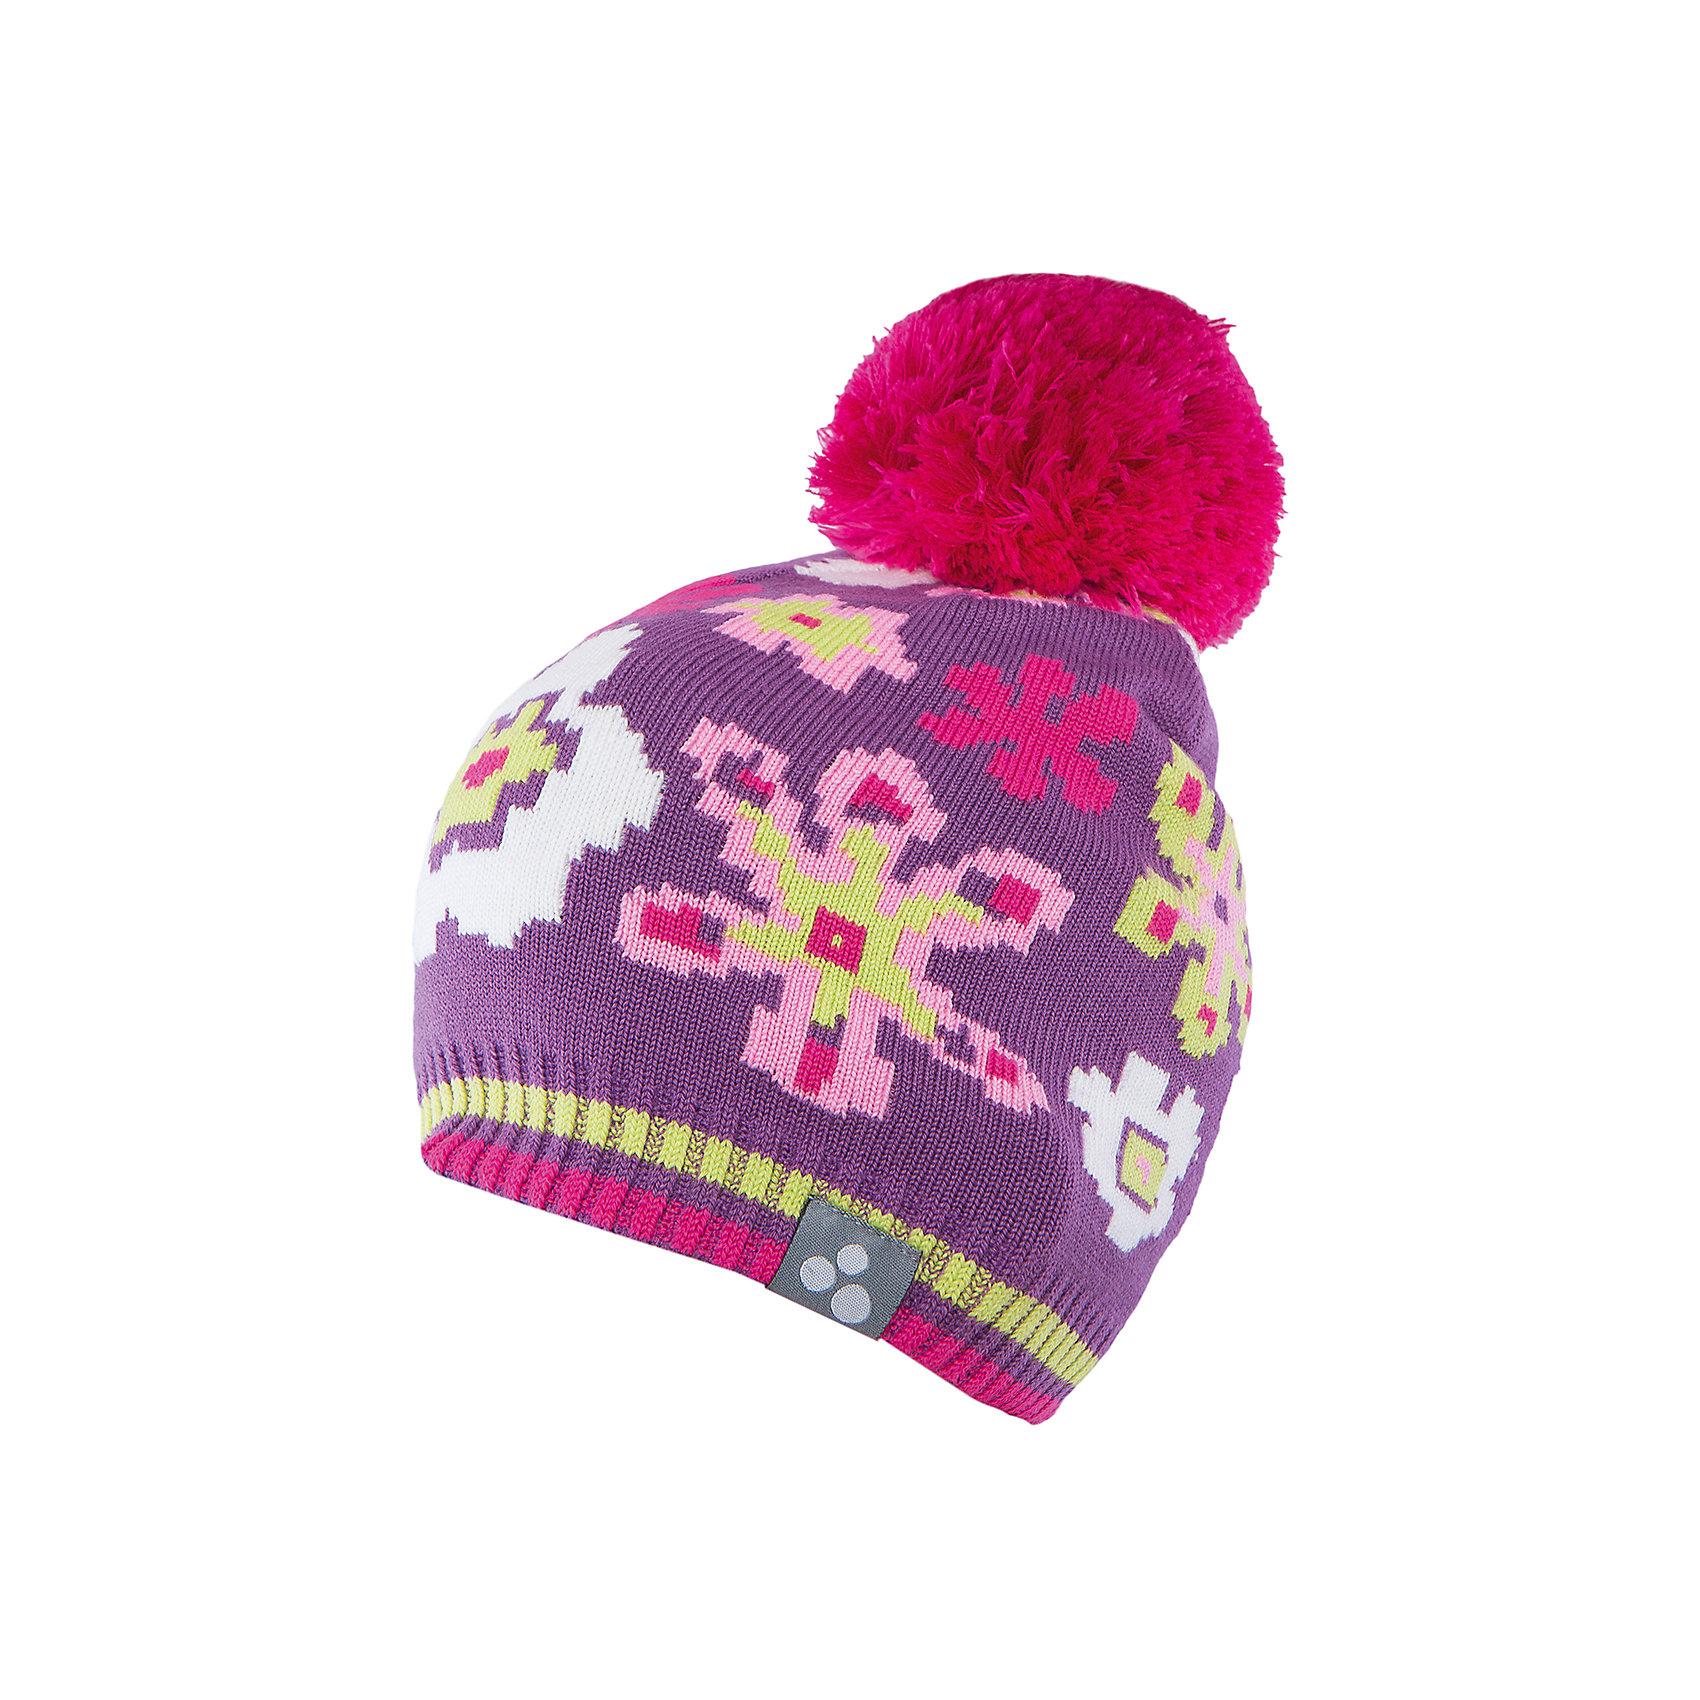 Шапка для девочки HuppaЯркая вязаная шапка Huppa Floral изготовлена из шерсти мериноса и акрила и способна согреть даже при сильном морозе. Шапка украшена ярким цветочным орнаментом, помпоном. Снизу вы найдете светоотражательные элементы. Превосходный выбор для юных модниц и модников!<br><br>Дополнительная информация:<br>Цвет: лиловая<br>Материал: 50% шерсть мериноса, 50% акрил<br><br>Шапку Huppa Floral можно приобрести в нашем интернет-магазине.<br><br>Ширина мм: 89<br>Глубина мм: 117<br>Высота мм: 44<br>Вес г: 155<br>Цвет: фиолетовый<br>Возраст от месяцев: 132<br>Возраст до месяцев: 144<br>Пол: Женский<br>Возраст: Детский<br>Размер: 57,55-57,51-53,47-49<br>SKU: 4923575